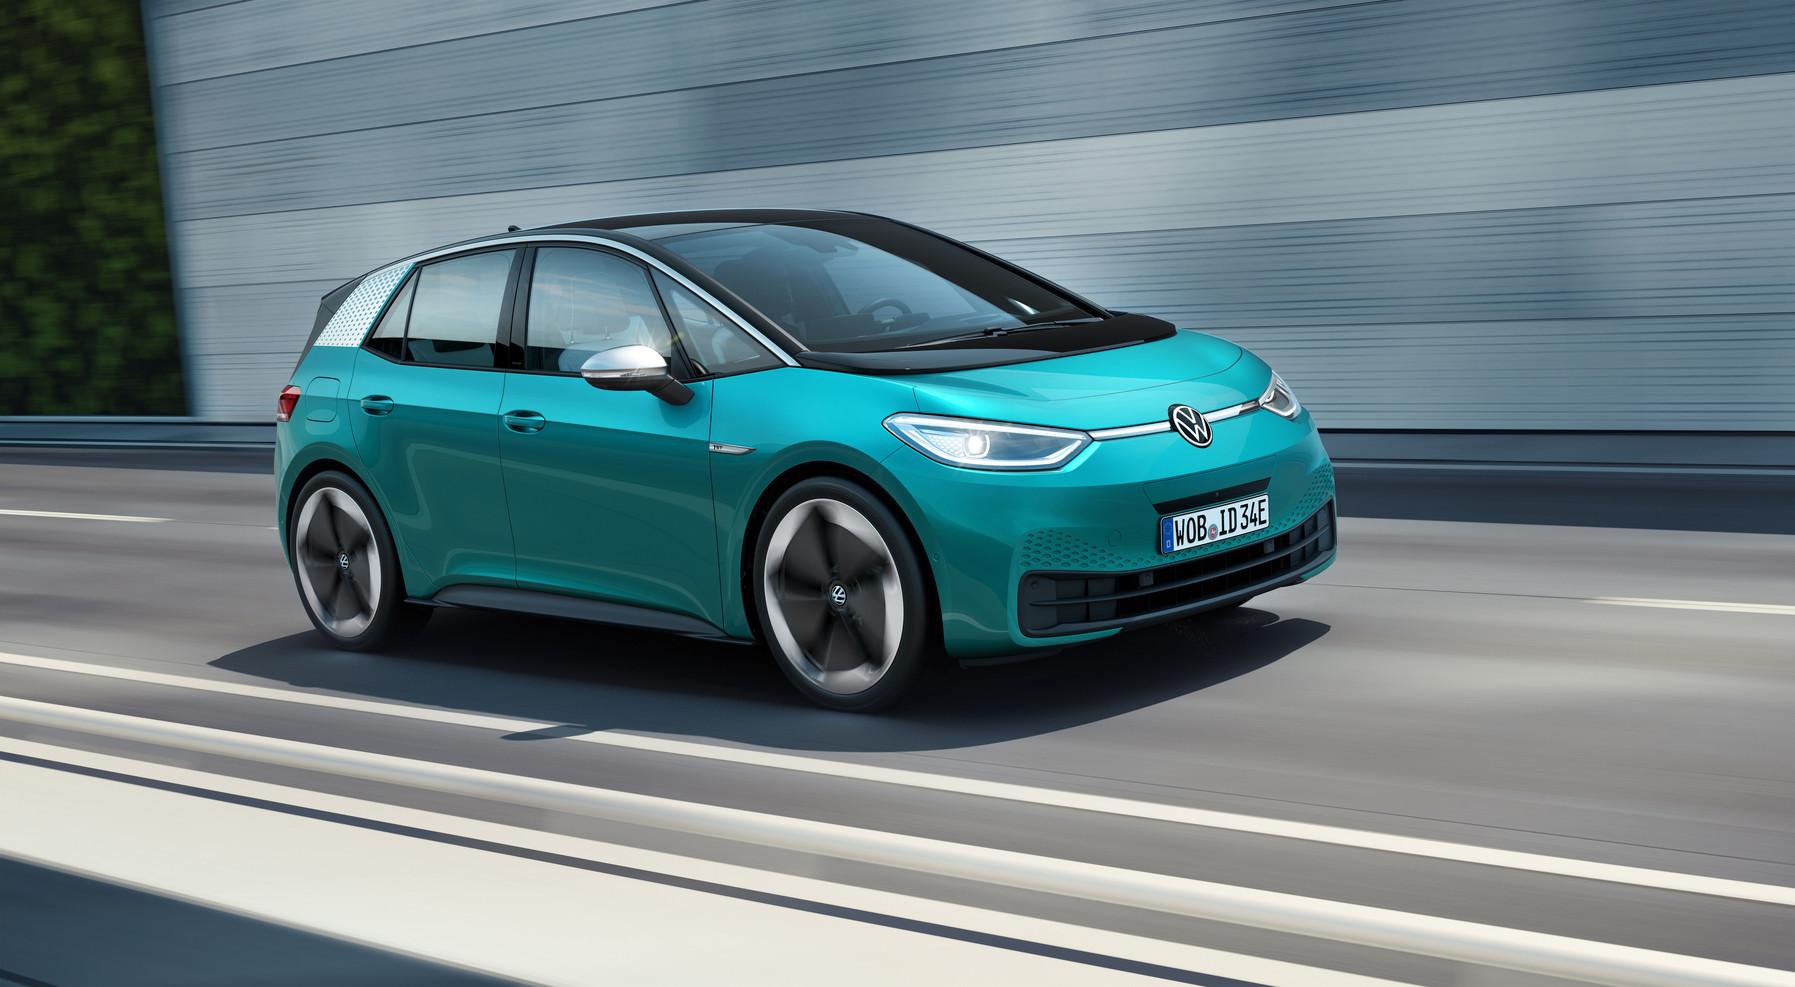 Spoznali sme slovenskú cenu elektrického Volkswagenu ID.3